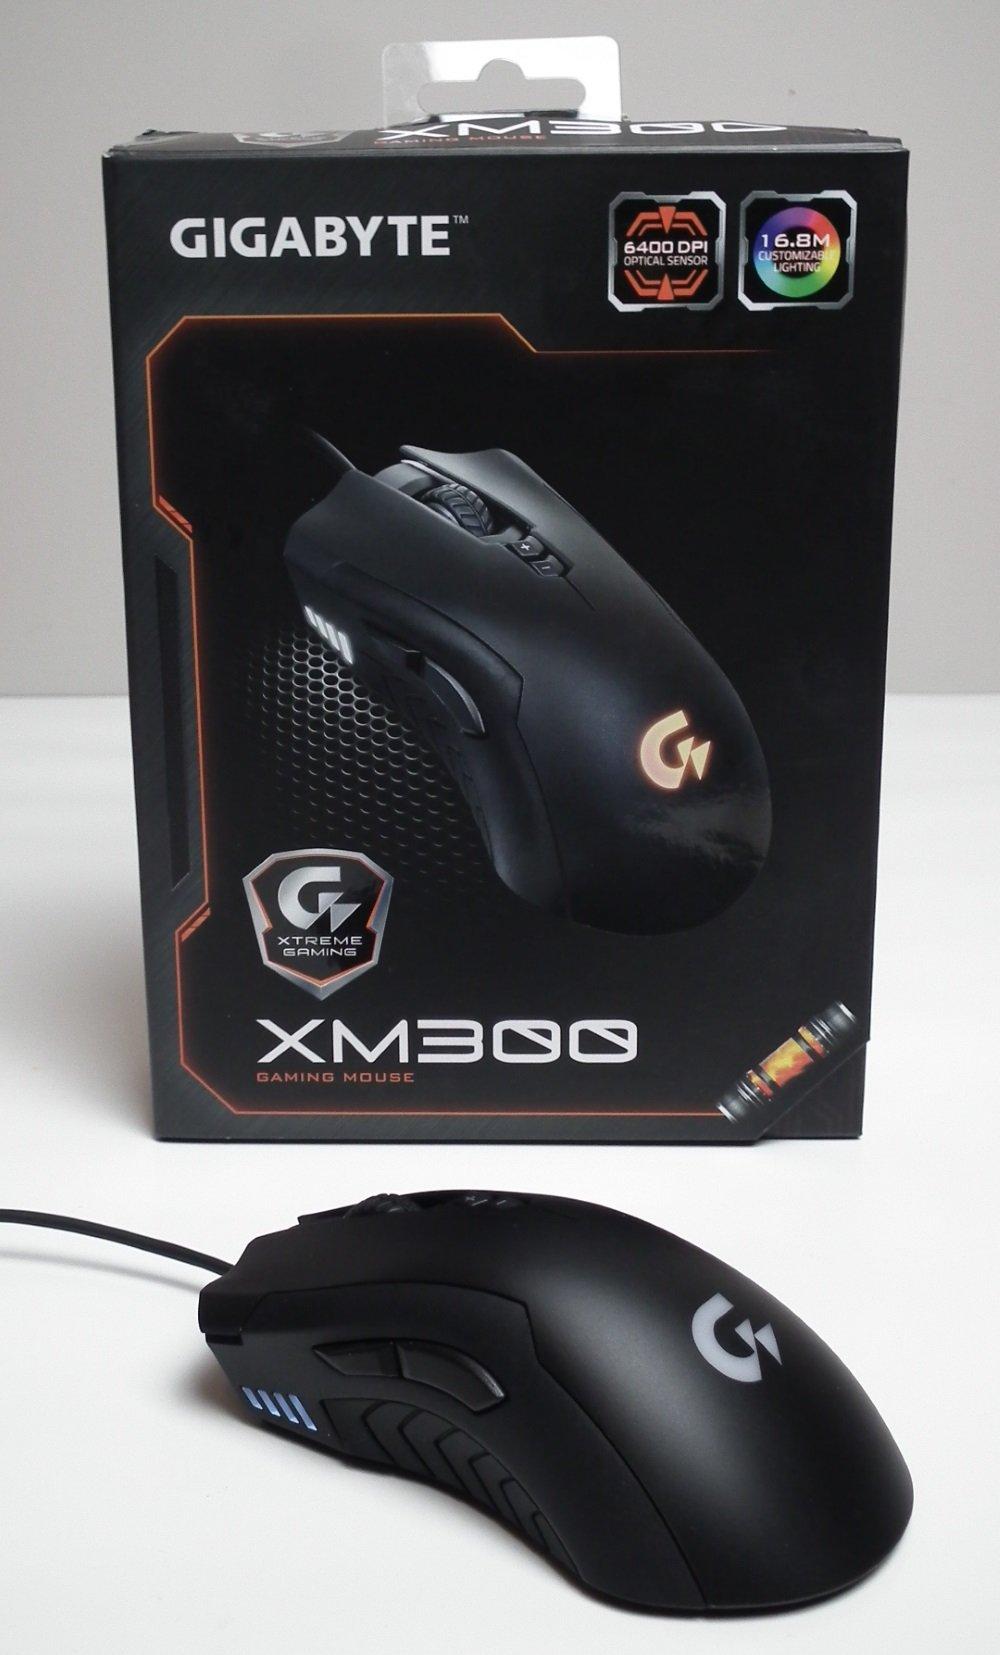 Gigabyte XM300 Box